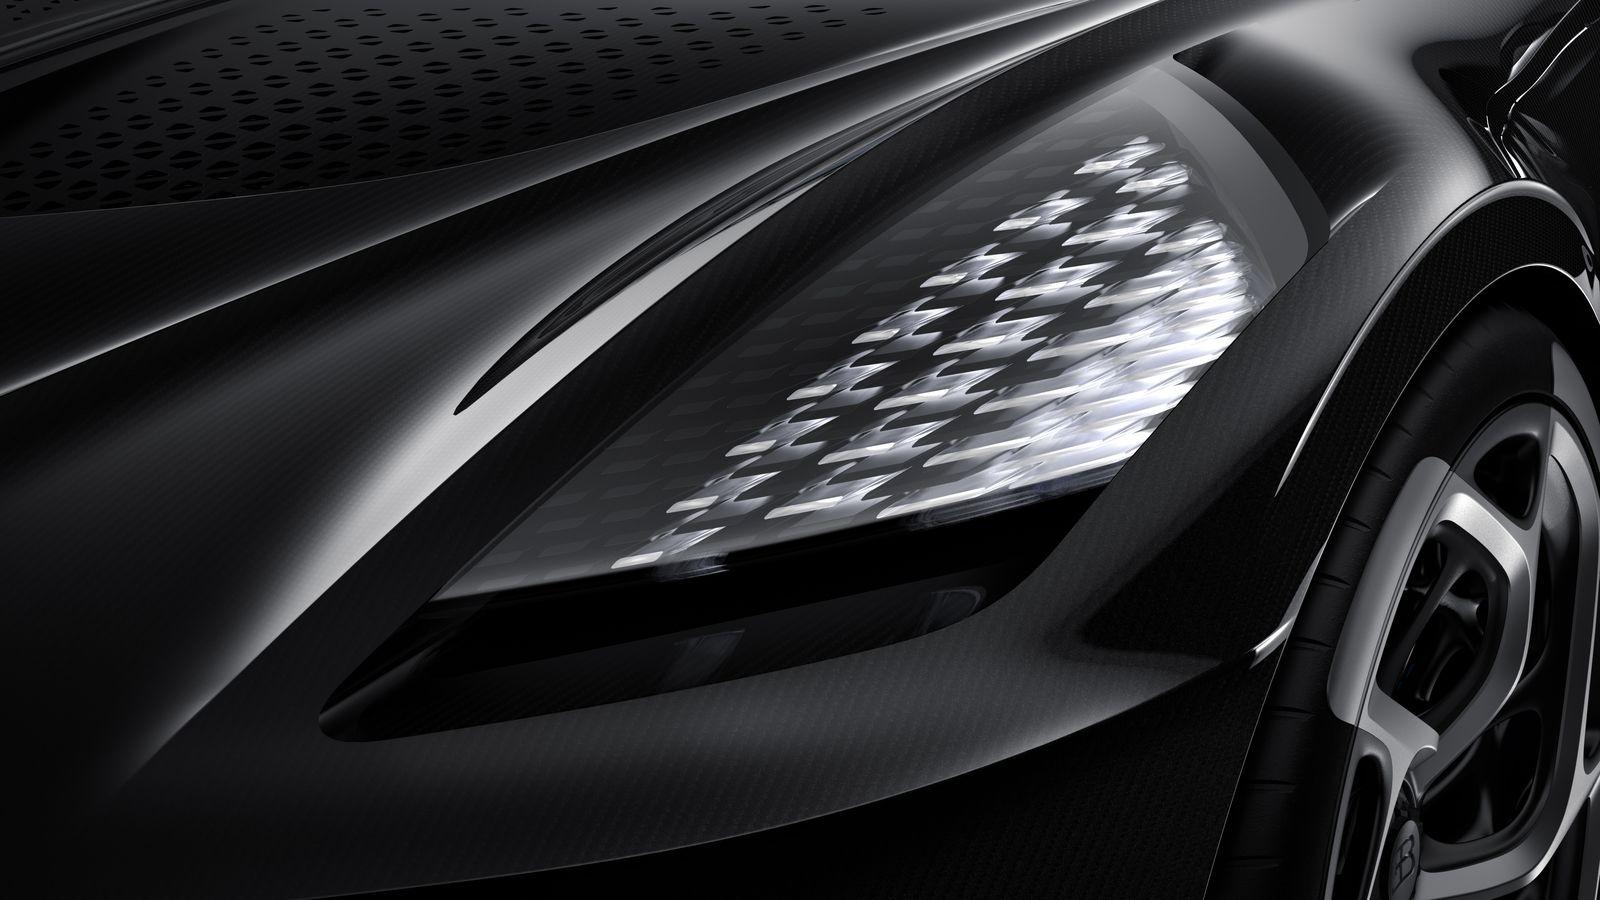 BugattiLaVoitureNoire_AutoRok_2019_12